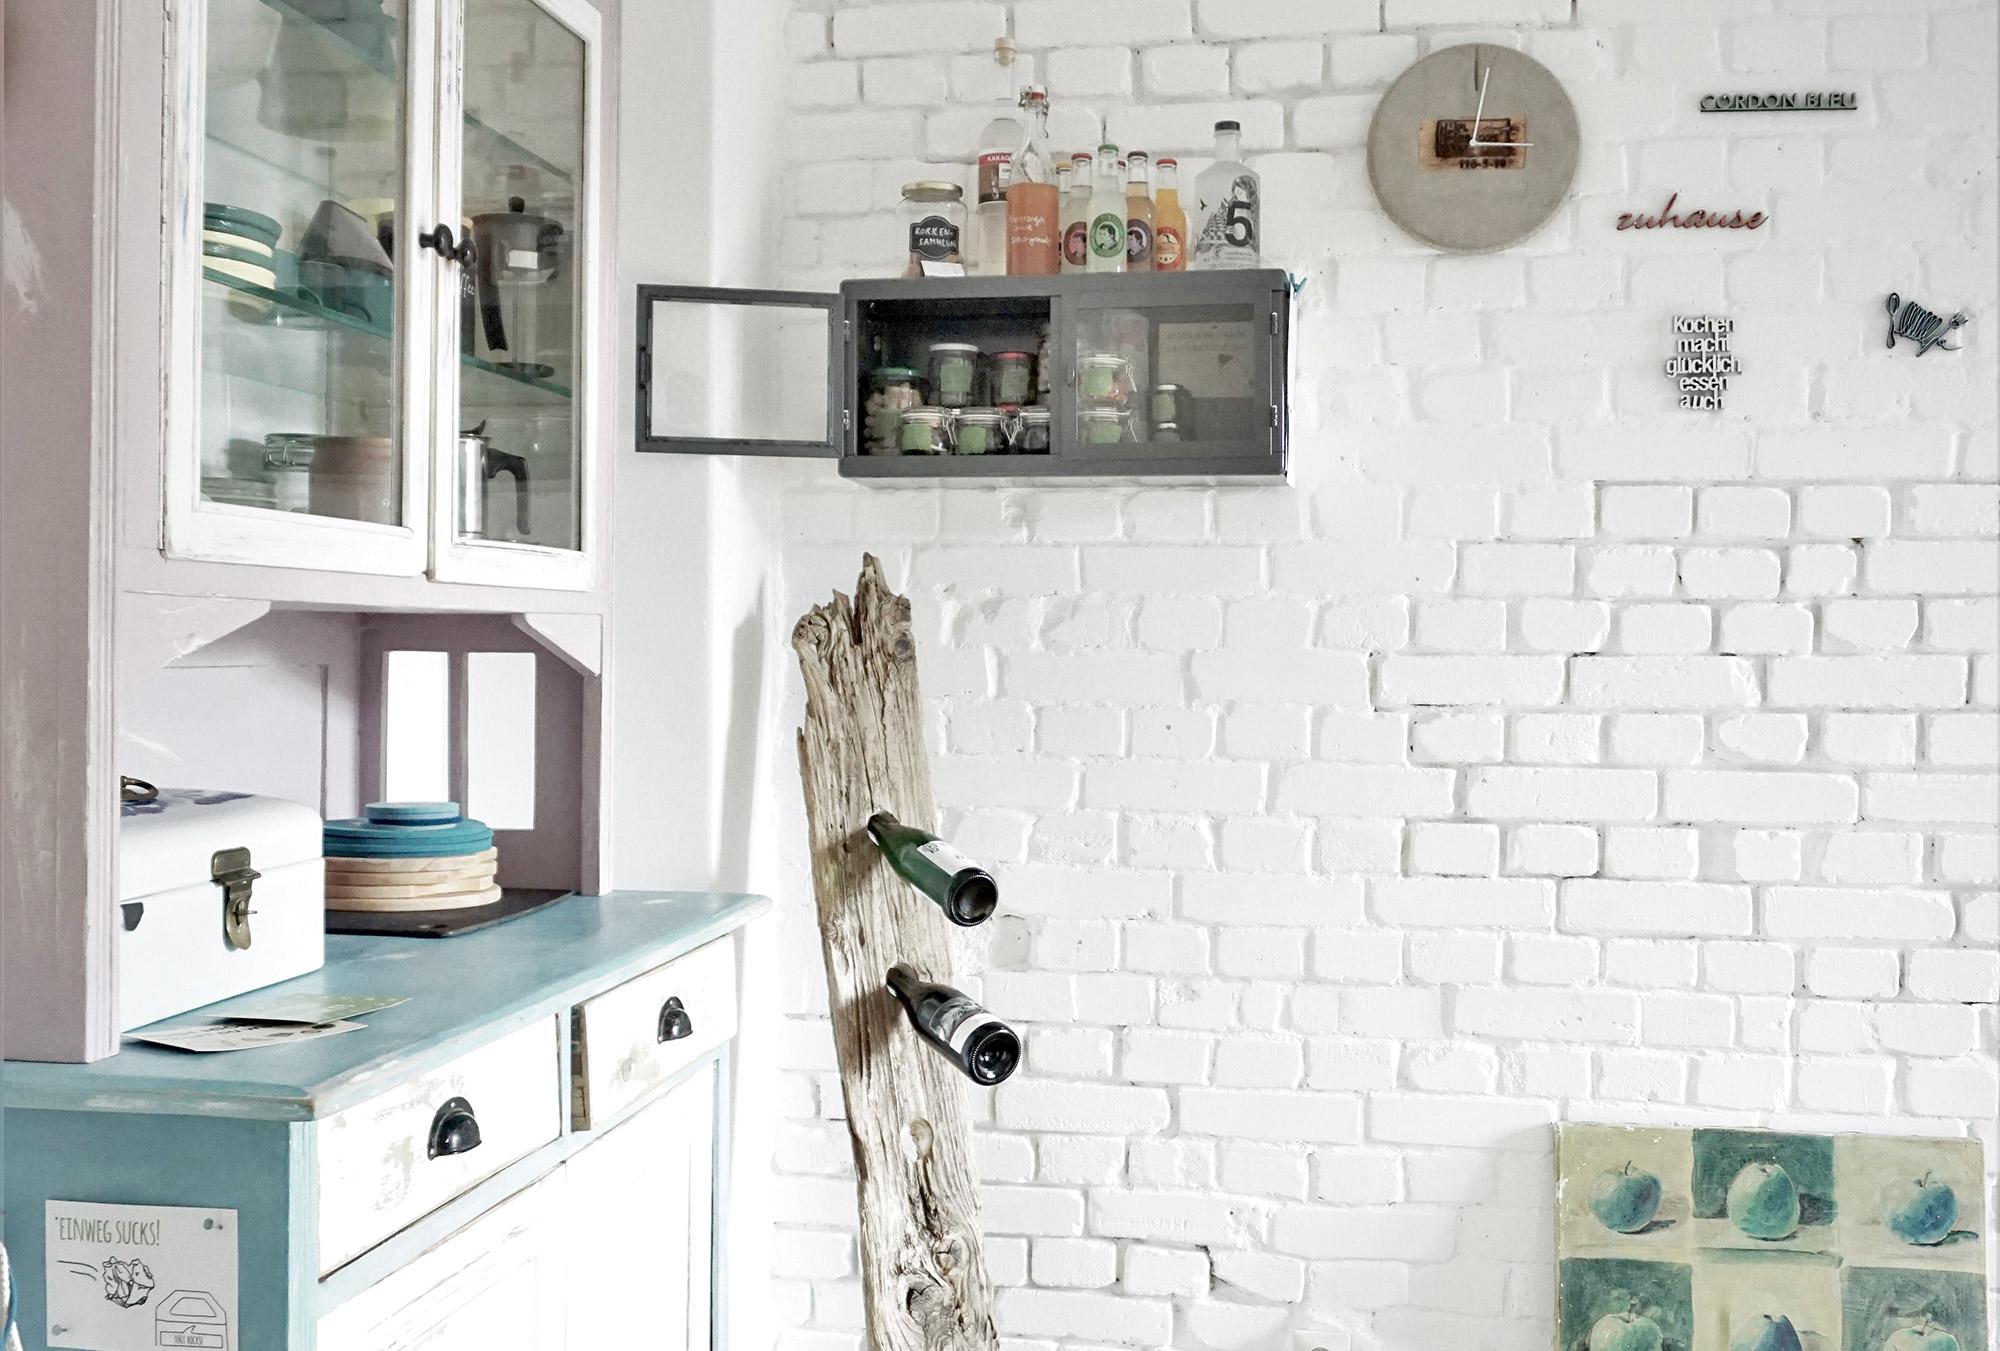 Blicke in die Küche